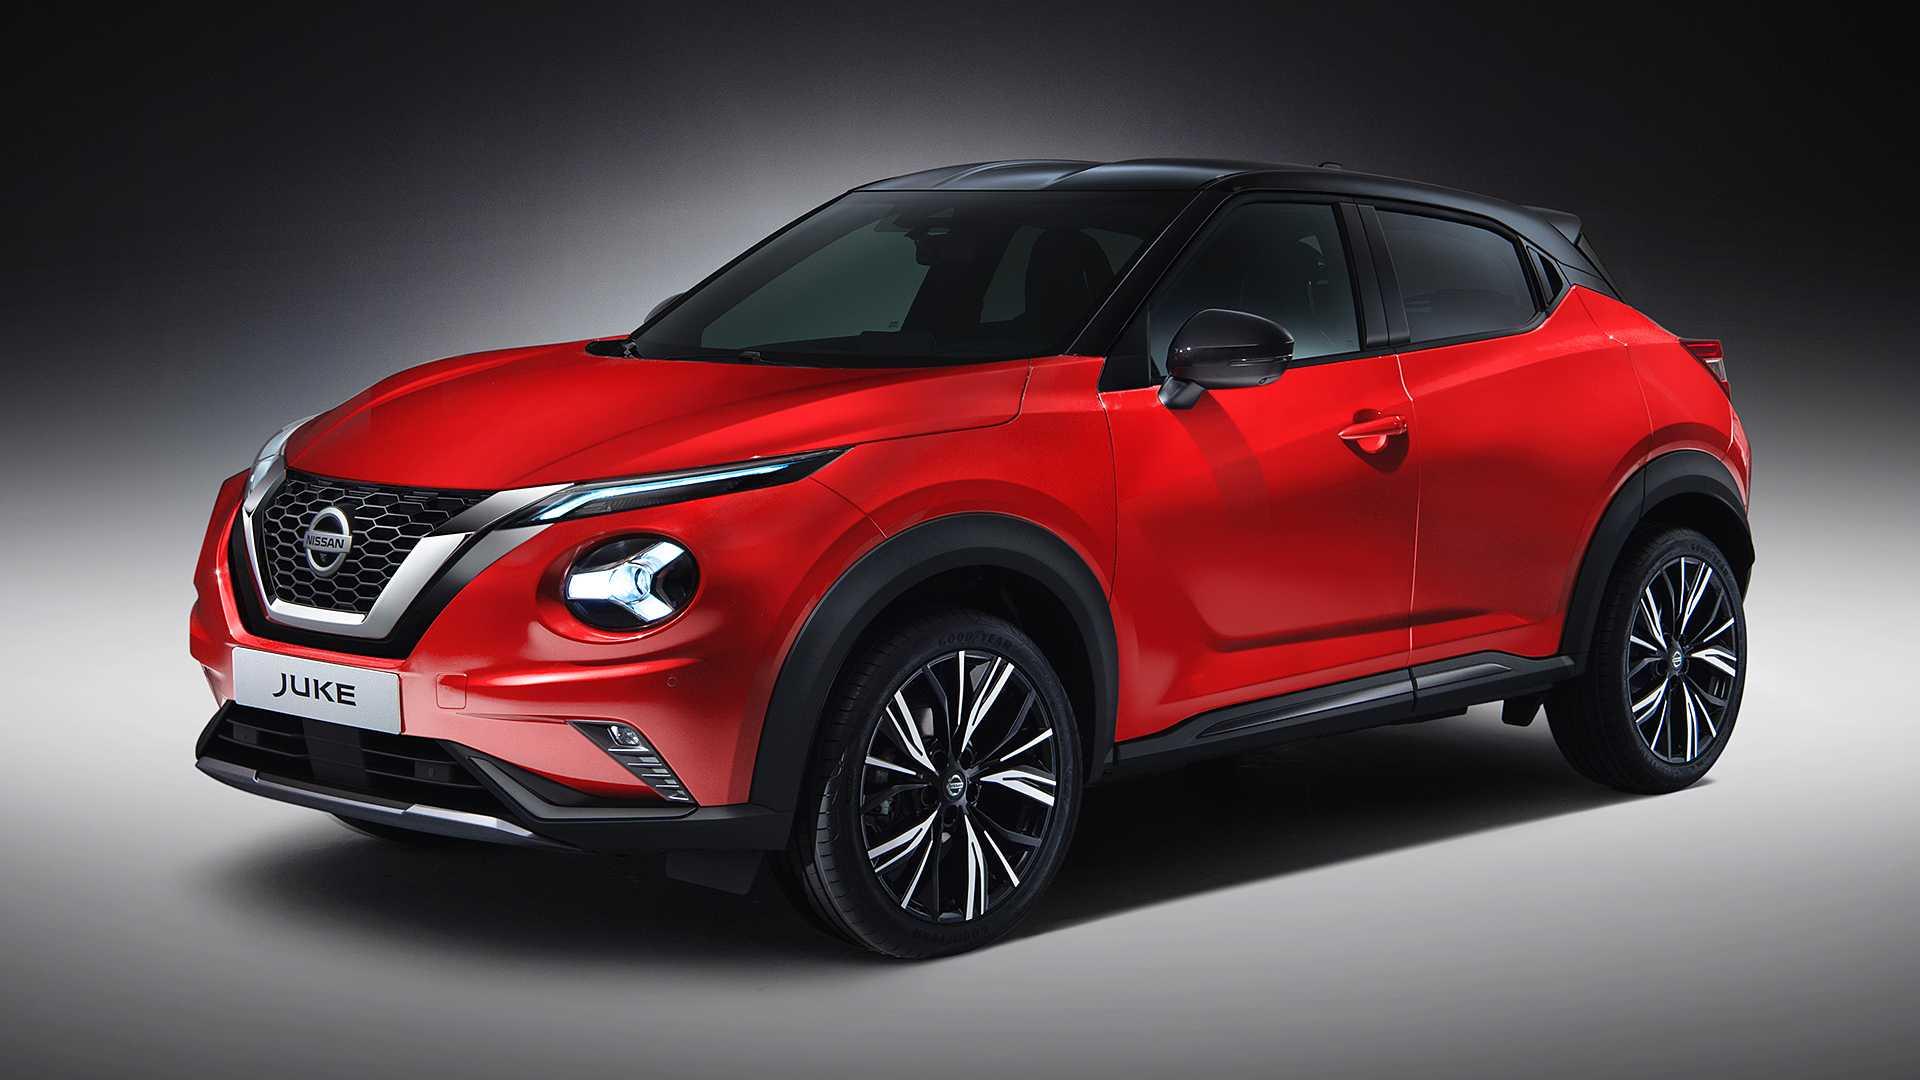 2021 Nissan Juke 1.0